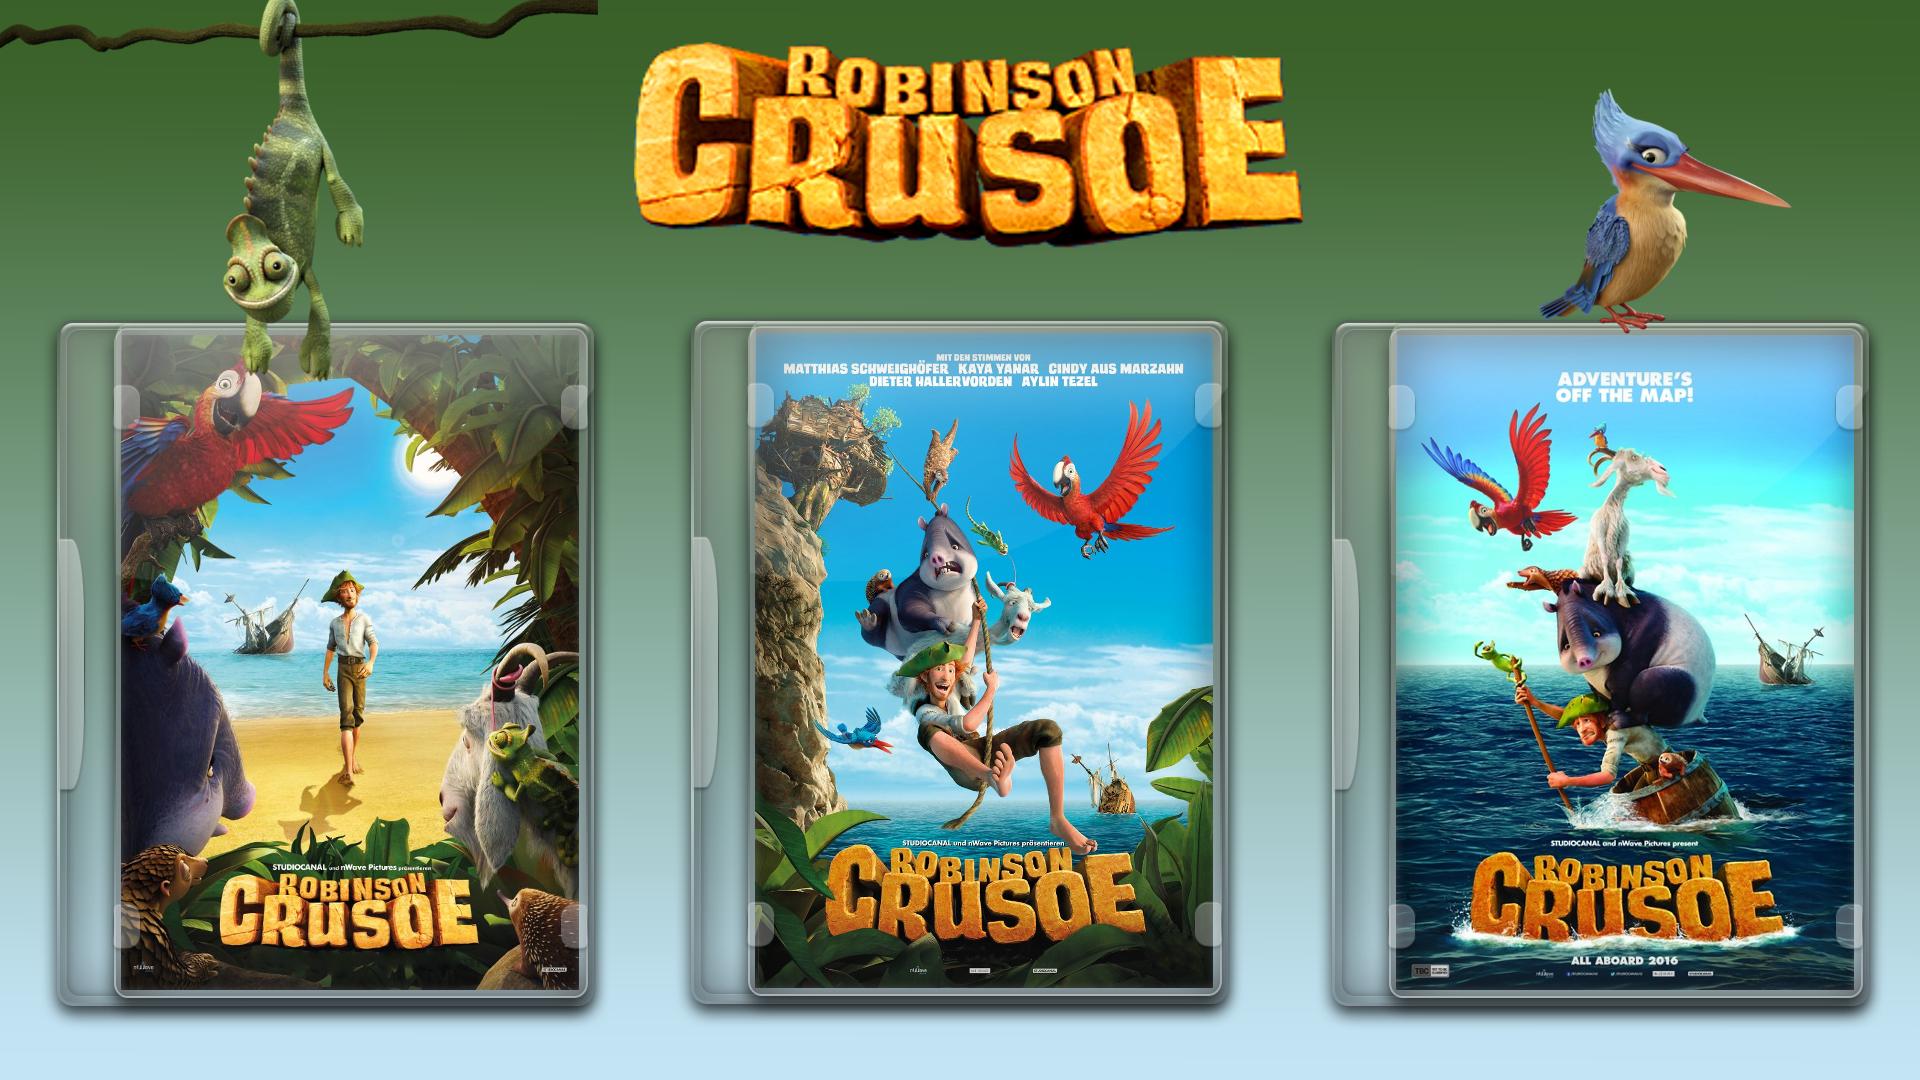 Robinson Crusoe 2016 Dvd Cover